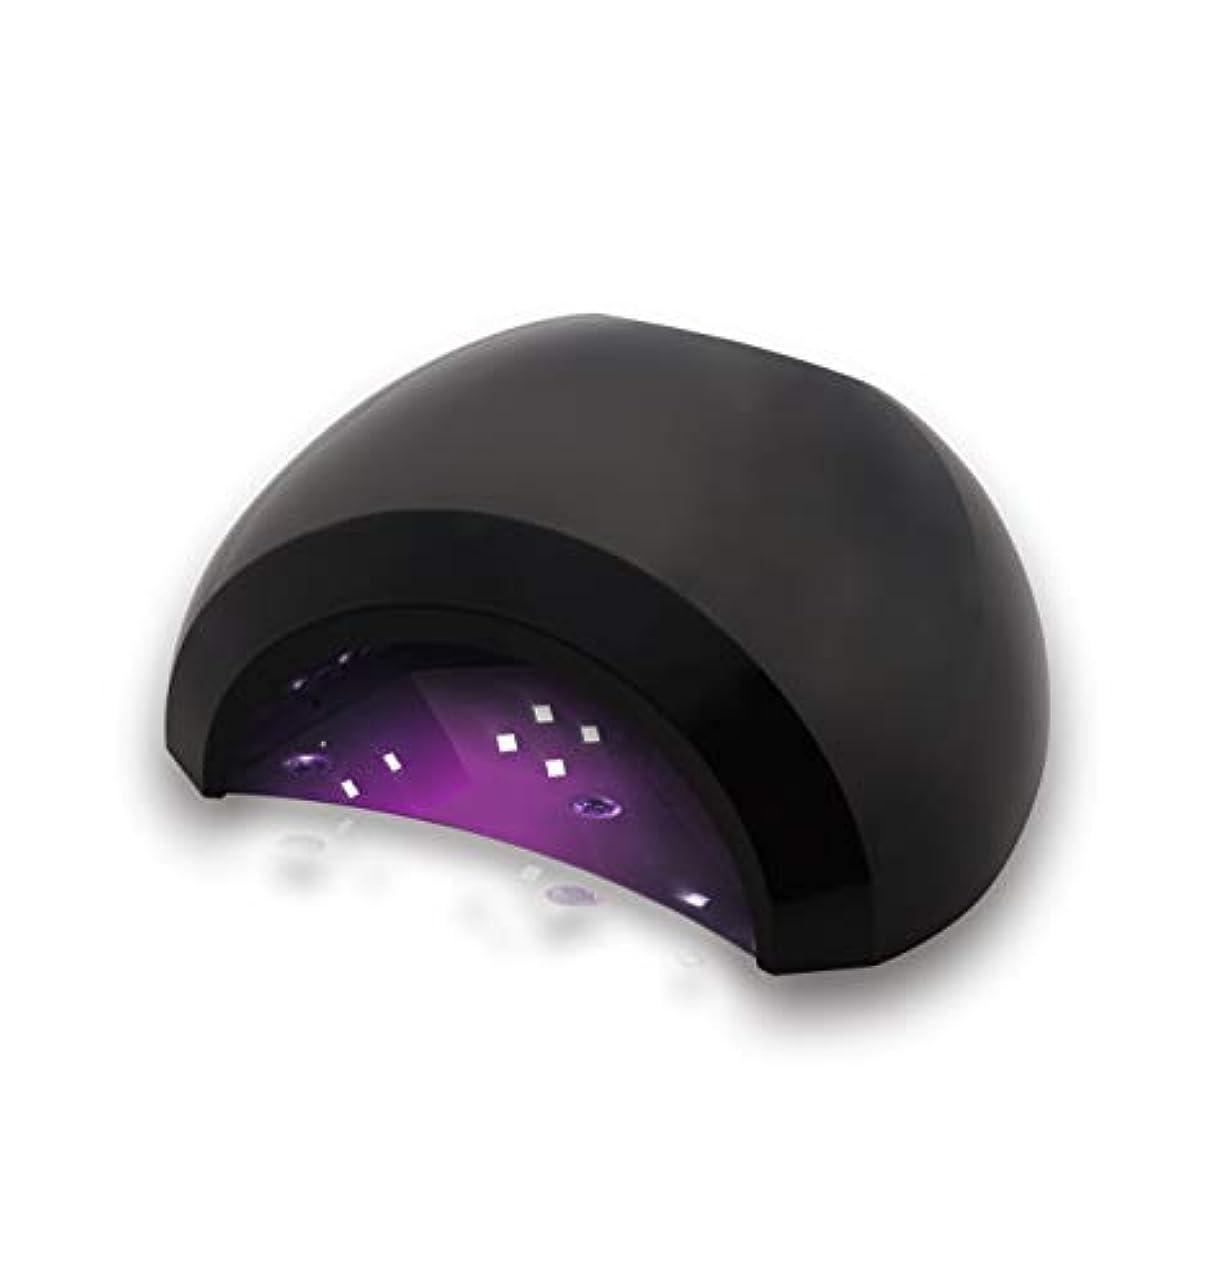 長さ再生やろうAokitec UV LED ネイルドライヤー 48w高速硬化ネイルライト 人感センサーとタイマー付 時間メモリ 手足両用ネイルランプ 全ジェル対応 レジンにも使える 日本語説明書付【一年間保証】 …